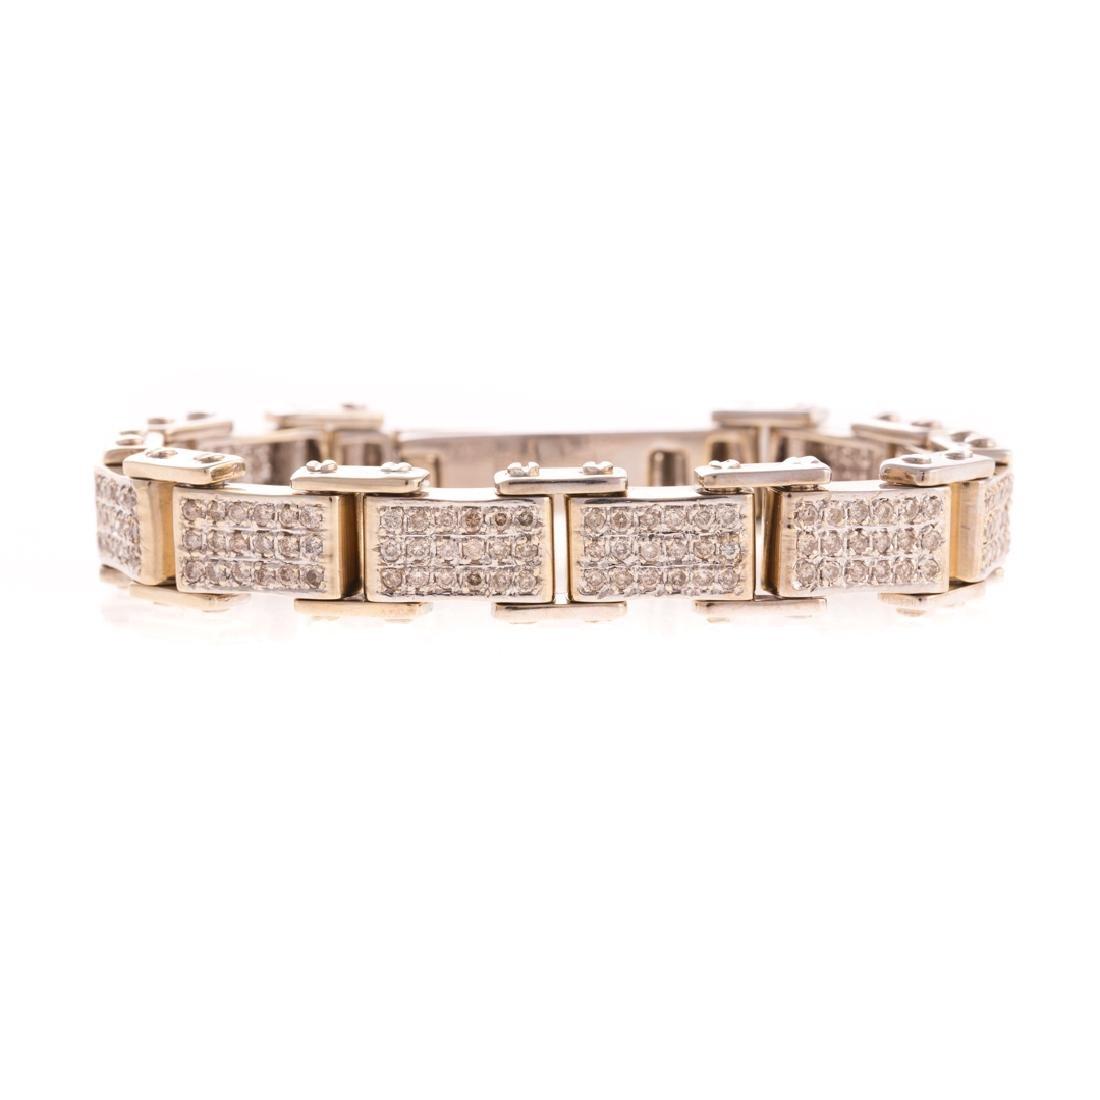 A Gentlemen's Diamond Bracelet in 18K